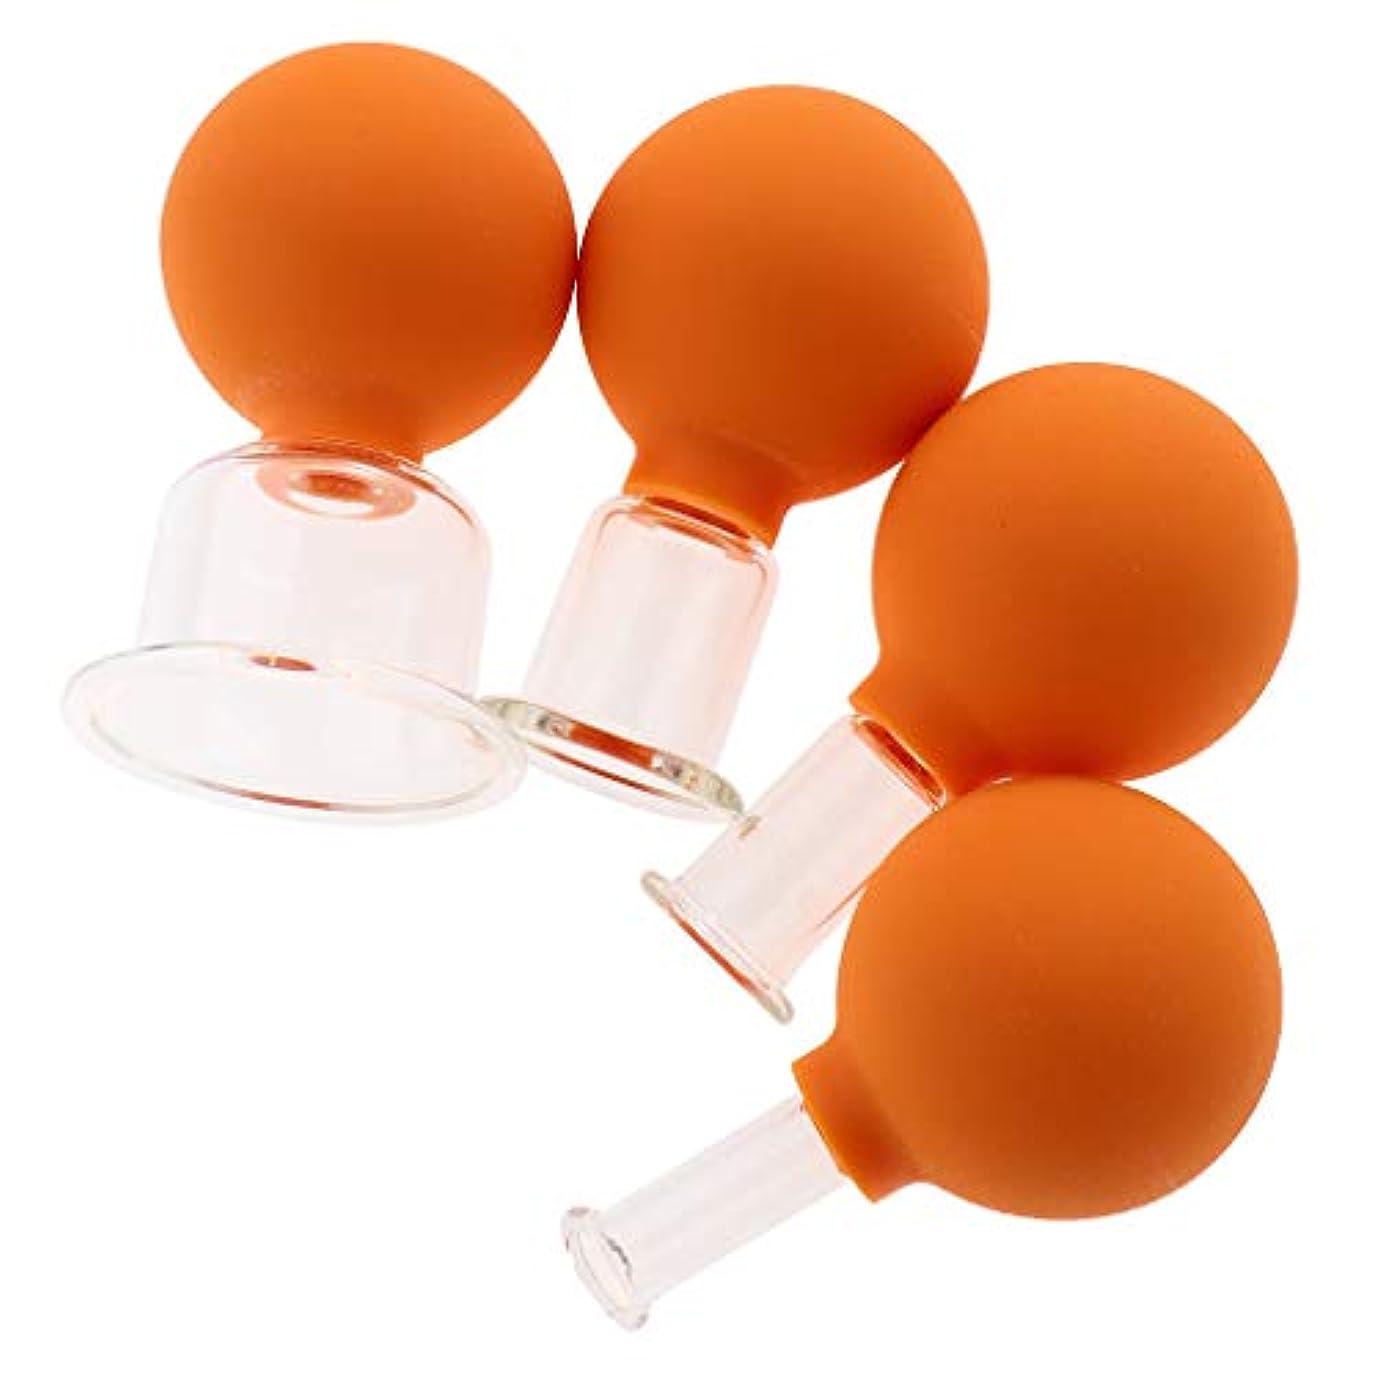 配偶者特別に偏心F Fityle マッサージ吸い玉 マッサージカップ ガラスカッピング ゴム 真空 男女兼用 4個 全3色 - オレンジ